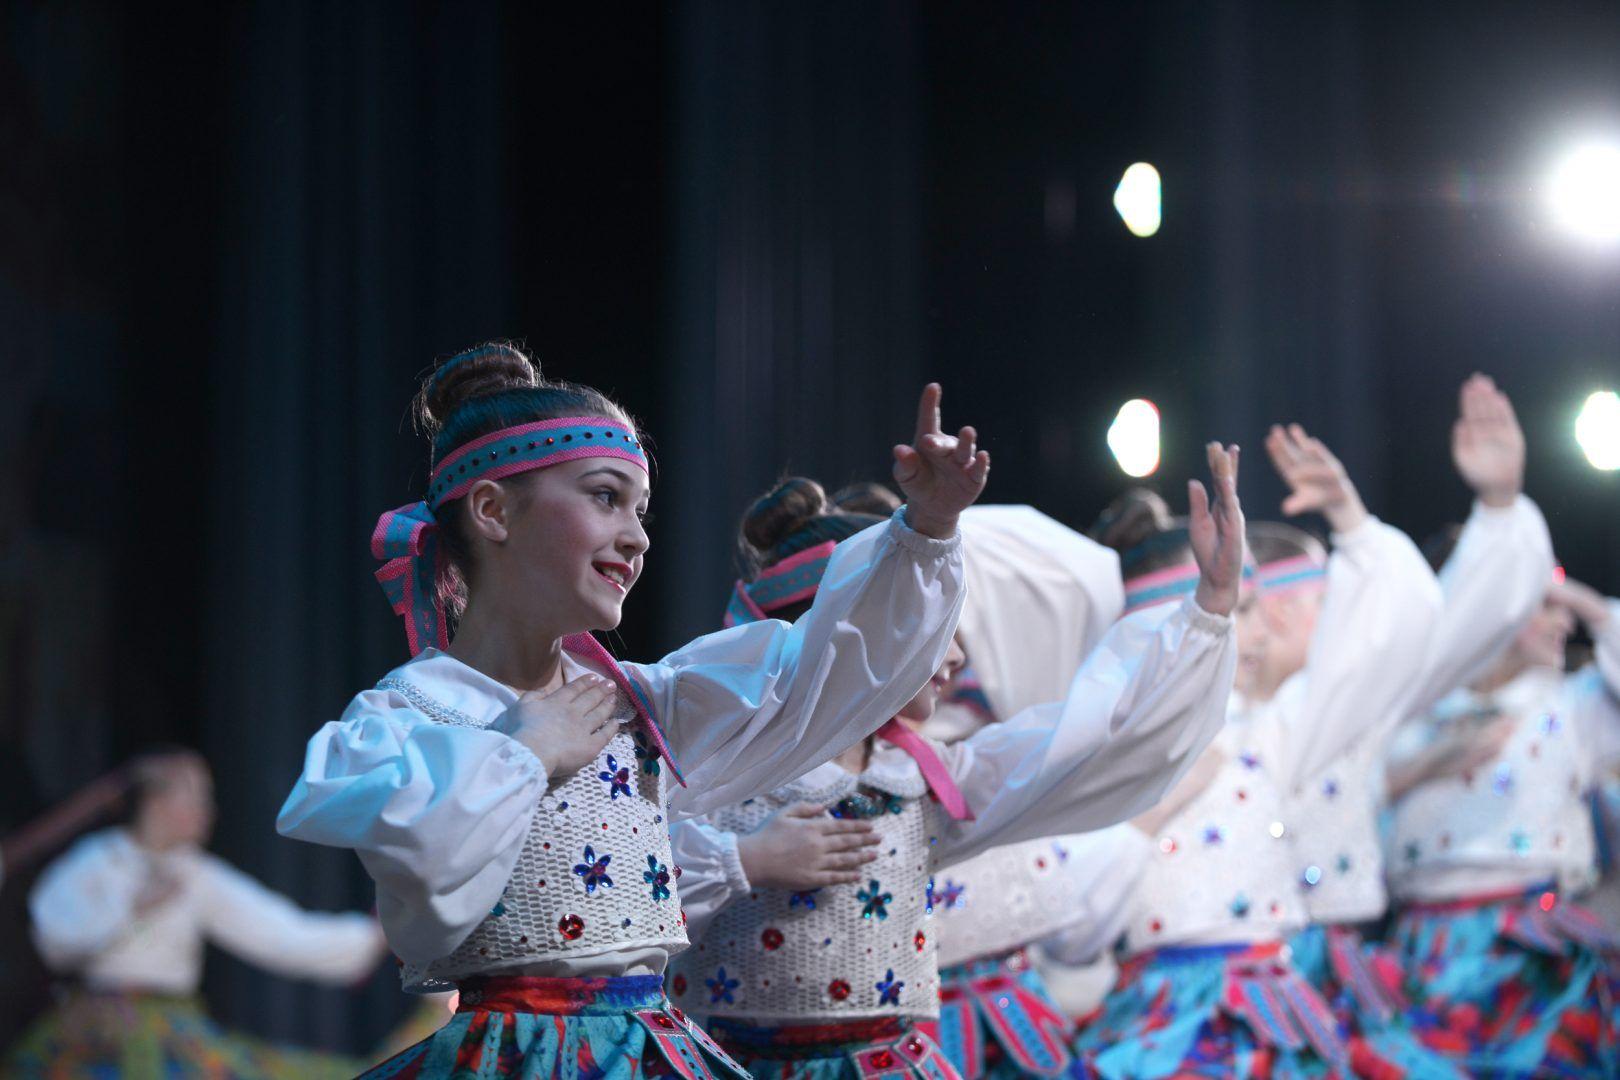 Артисты творческих коллективов выступят с отчетным концертом в Рязановском. Фото: архив, «Вечерняя Москва»